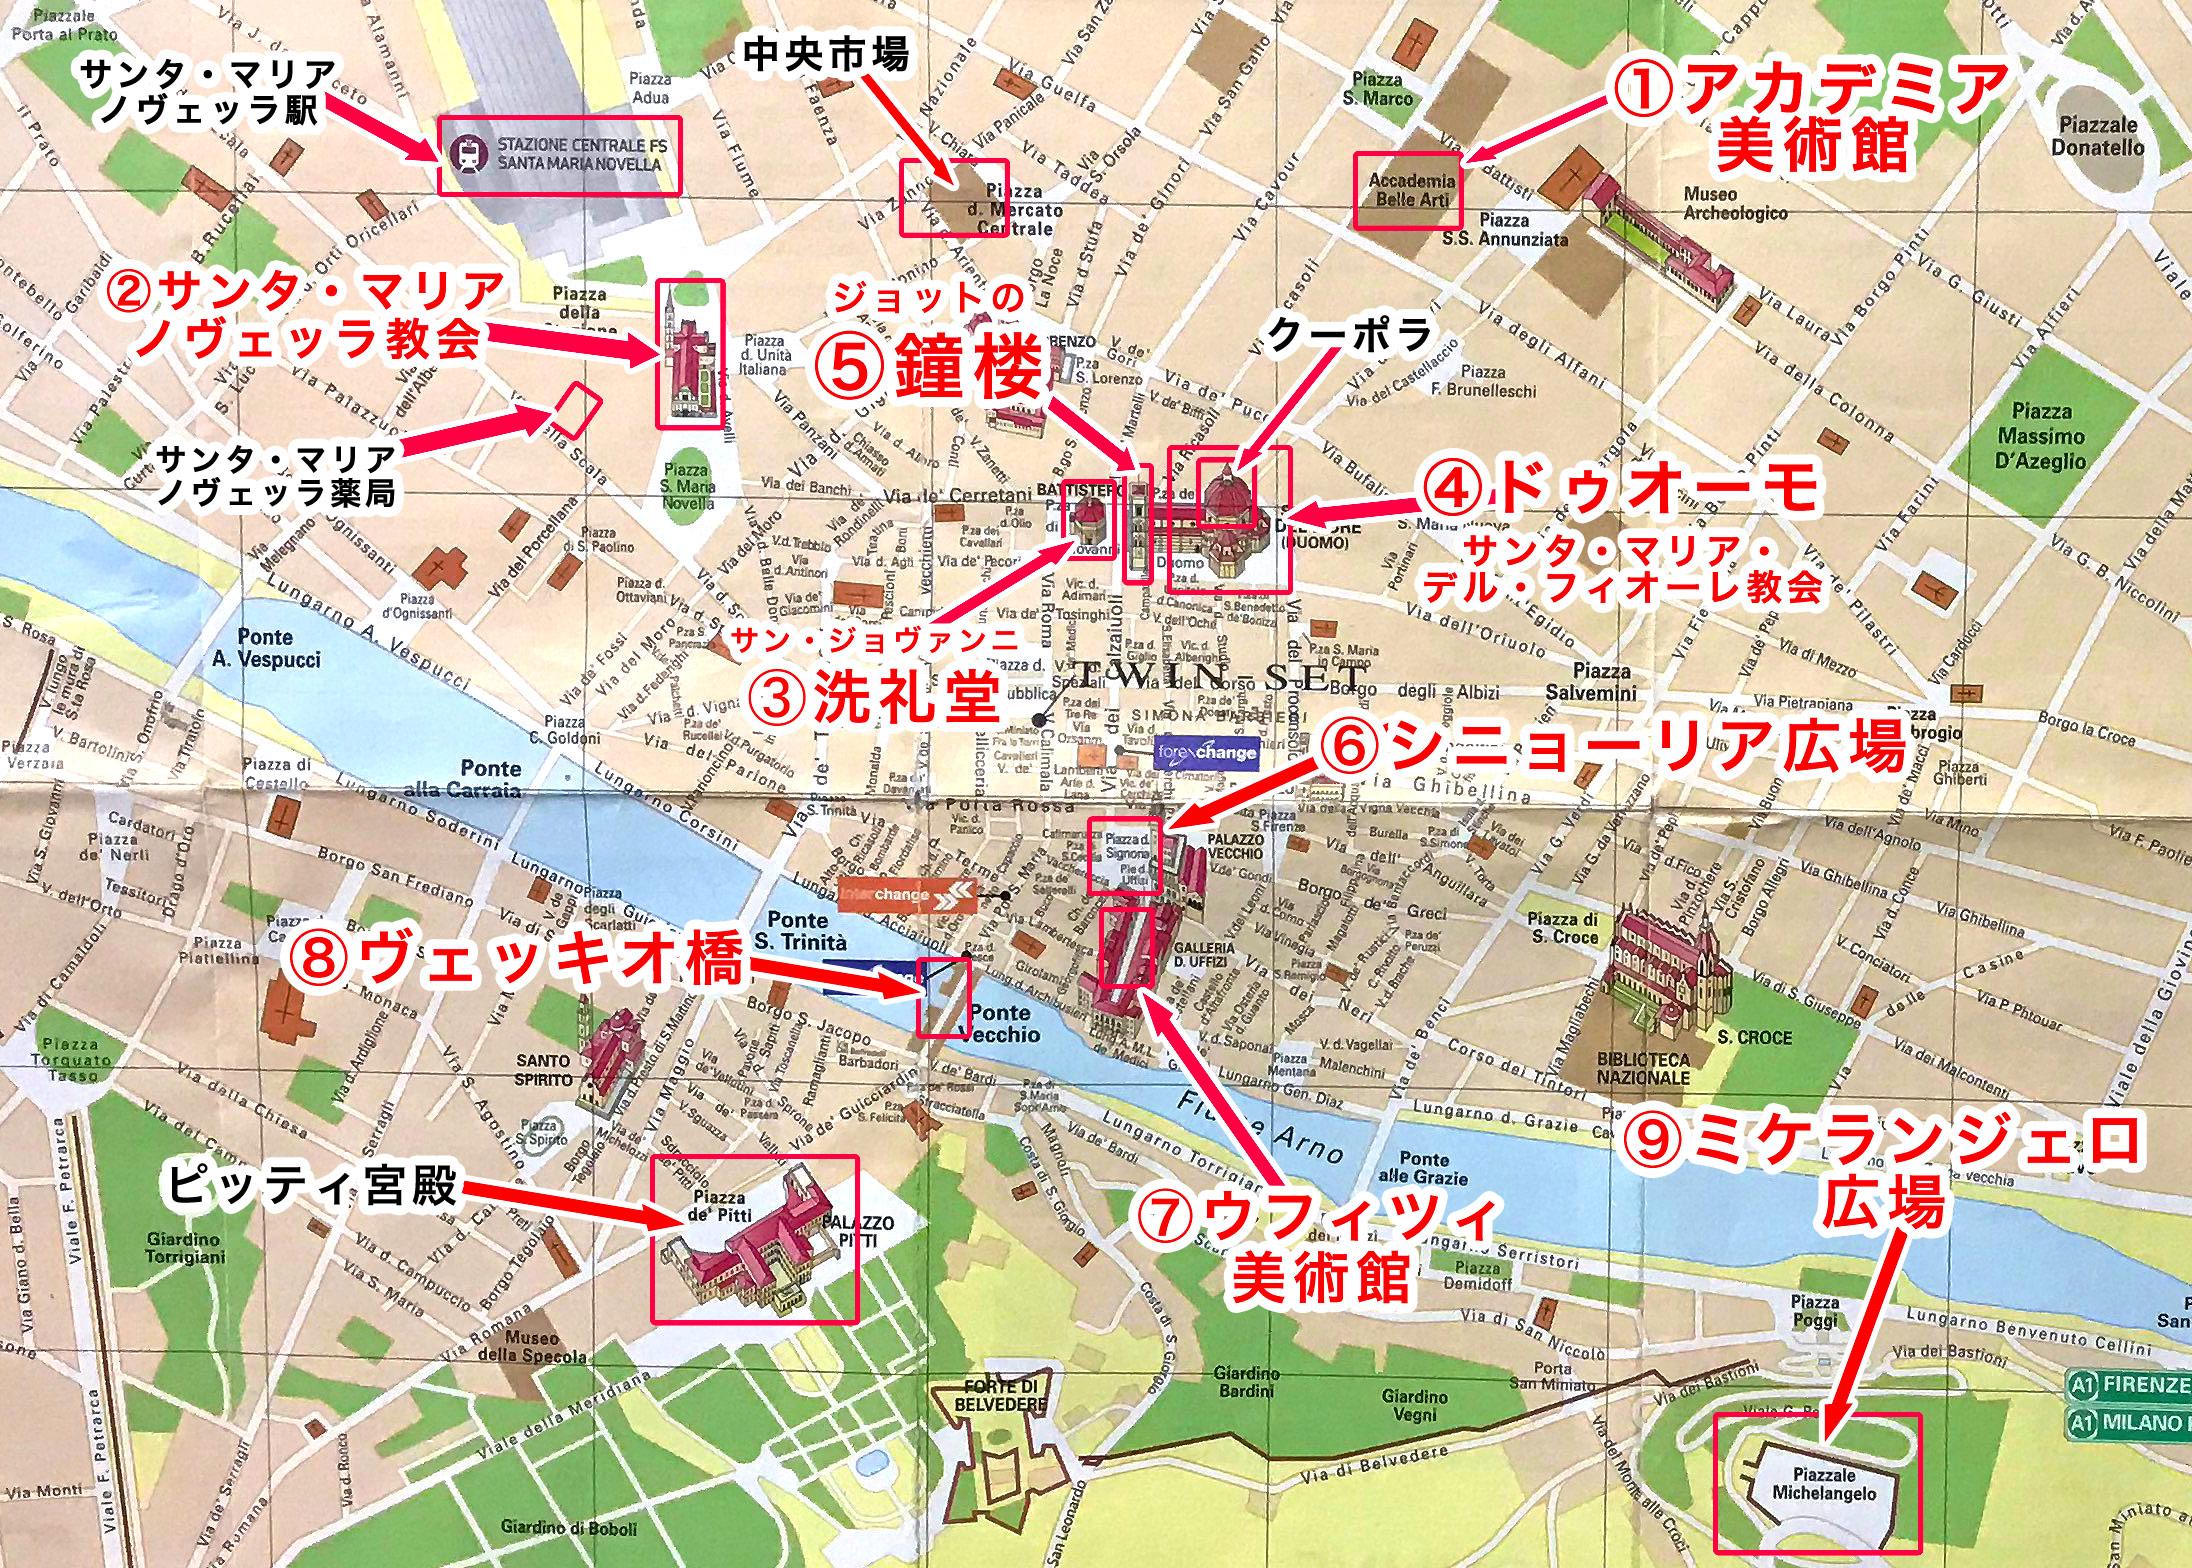 フィレンツェの地図と1日目の観光ルート